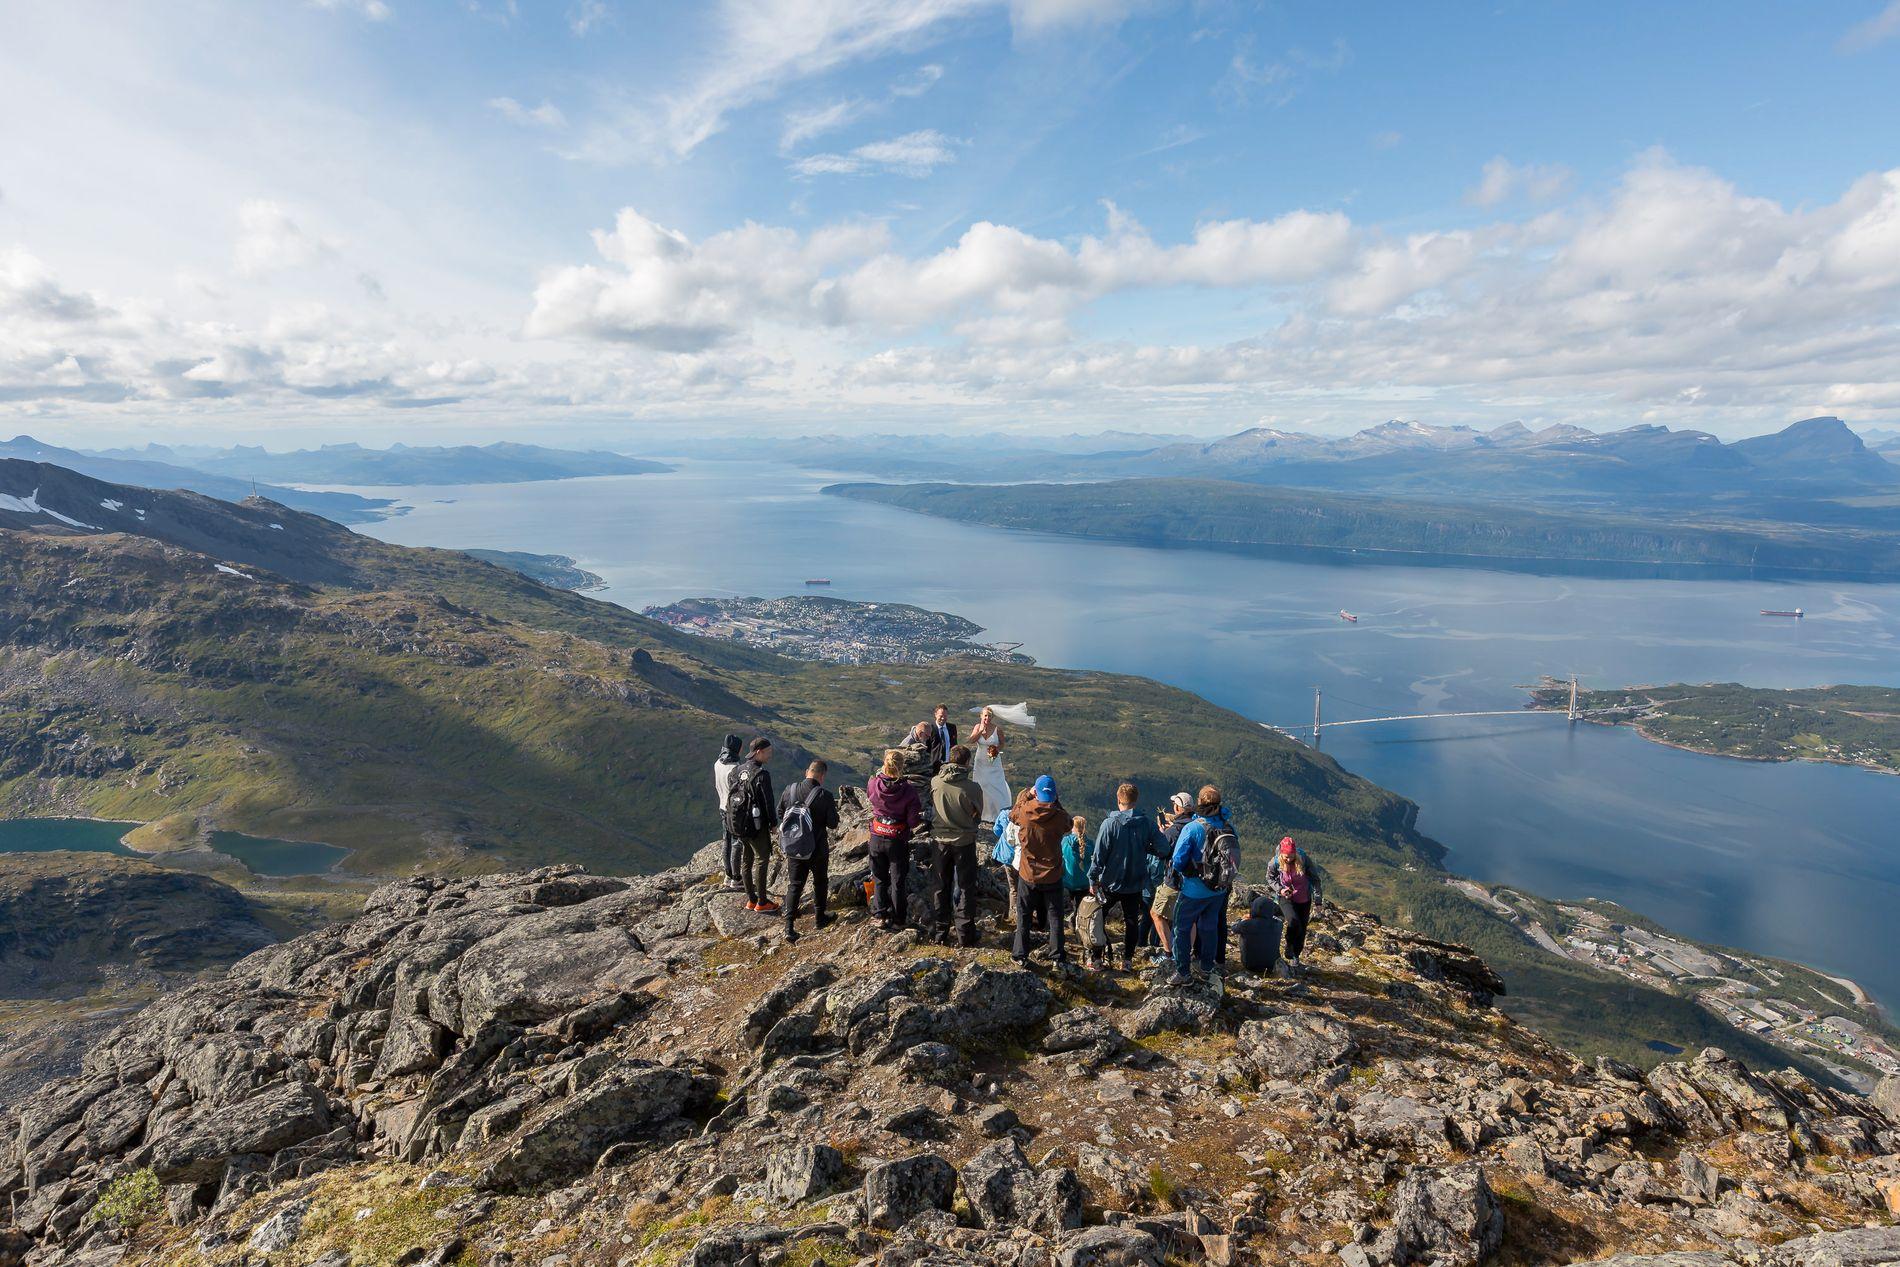 LUFTIG: Laila og Simonsen og Tobias Kiil Pedersen ga hverandre sitt ja på toppen av fjellet Tøttatoppen i Narvik lørdag.